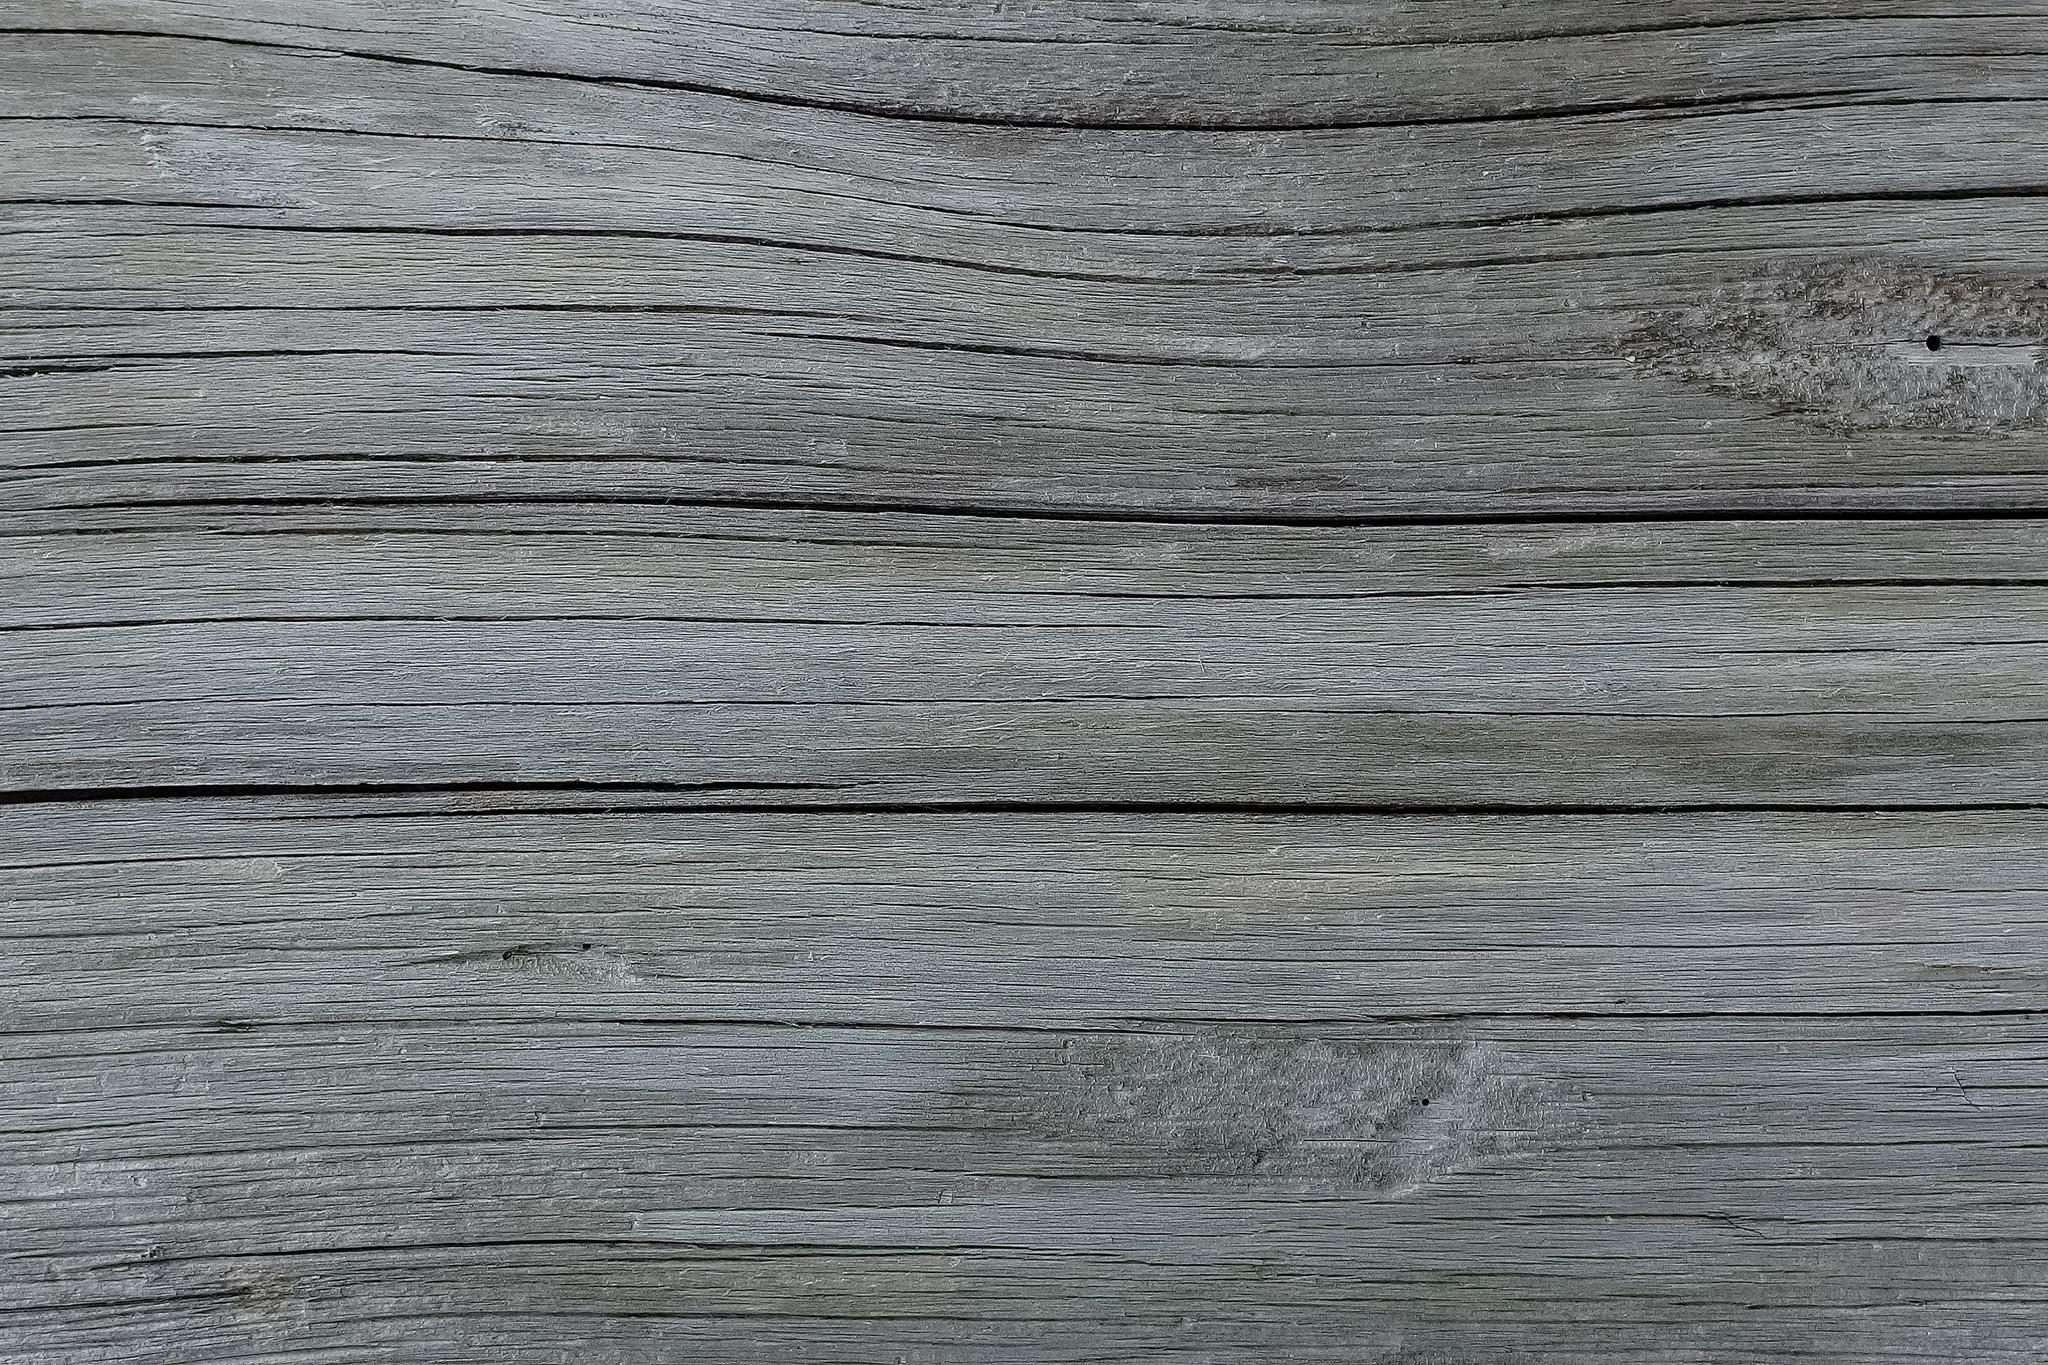 「白く乾燥した木の質感」